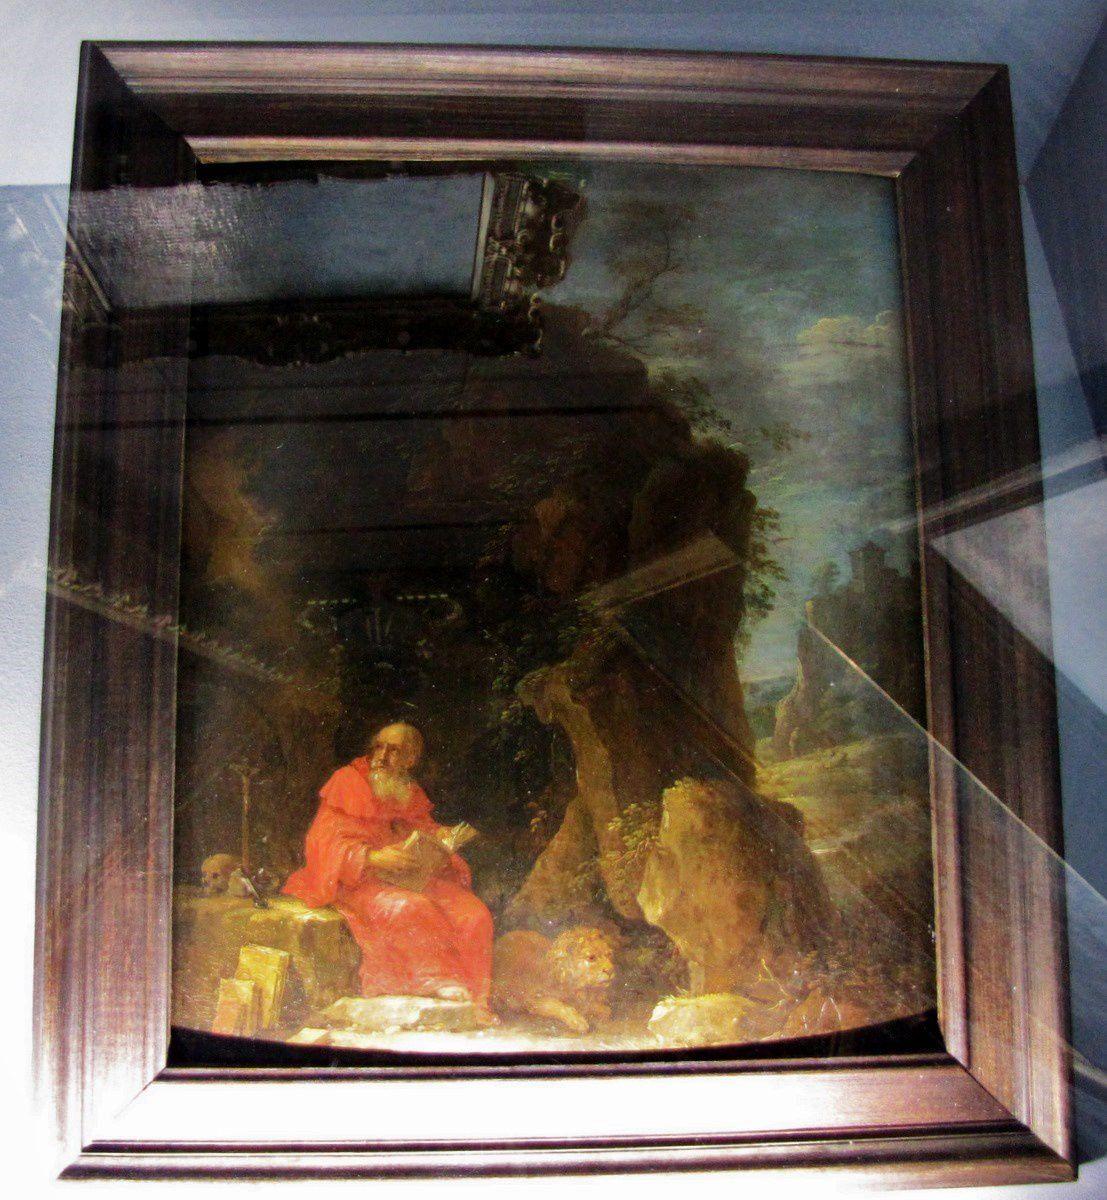 David II Teniers, Saint Jérôme dans le désert